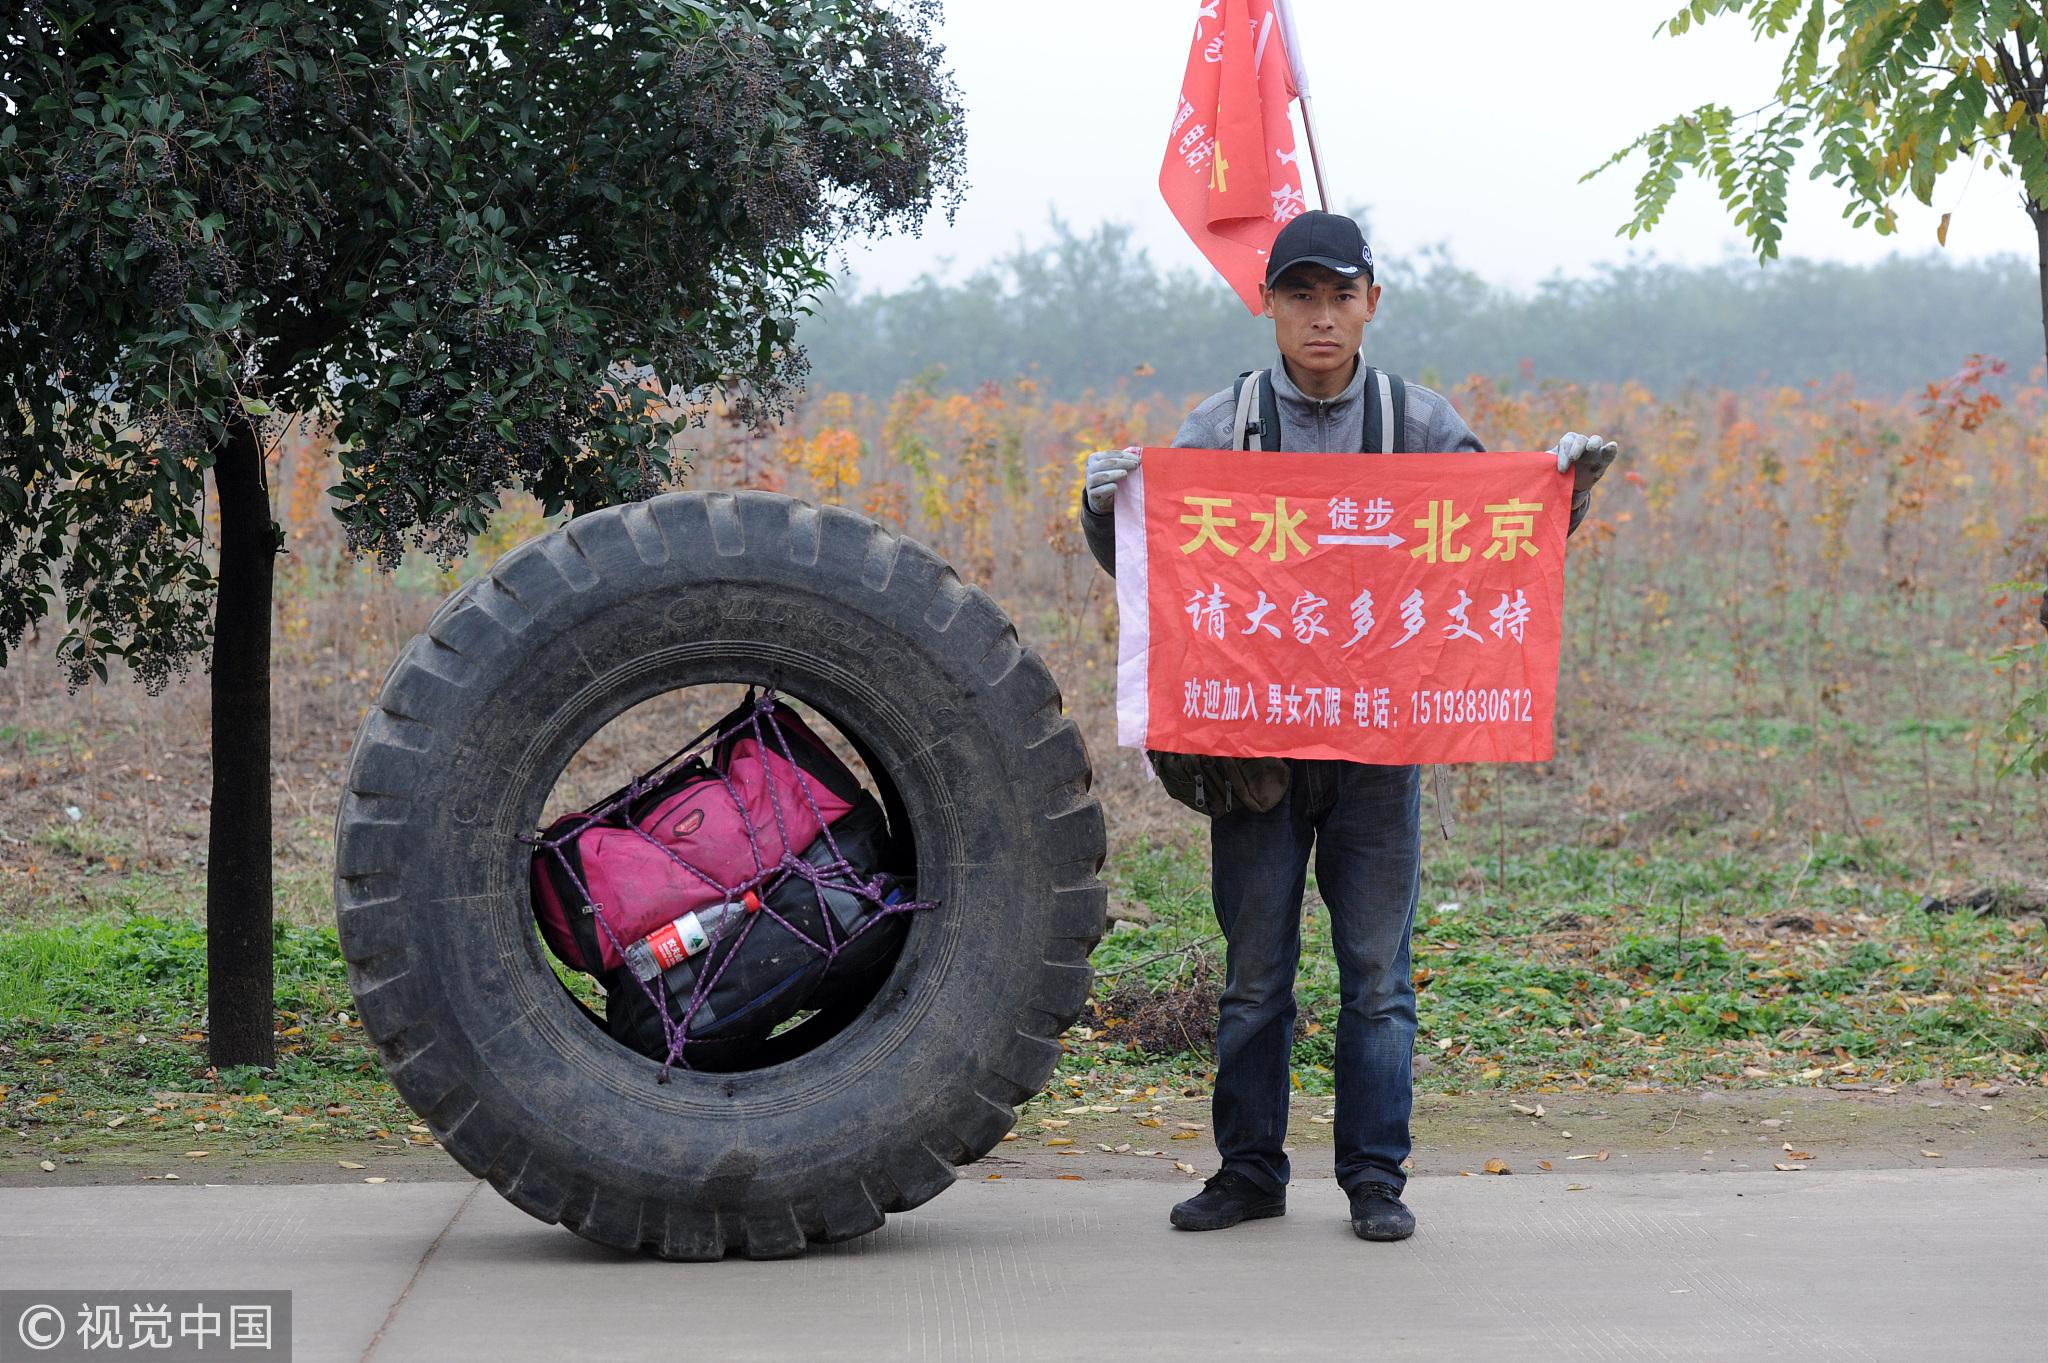 小伙推轮胎进北京:途中若出意外将捐器官 - 周公乐 - xinhua8848 的博客